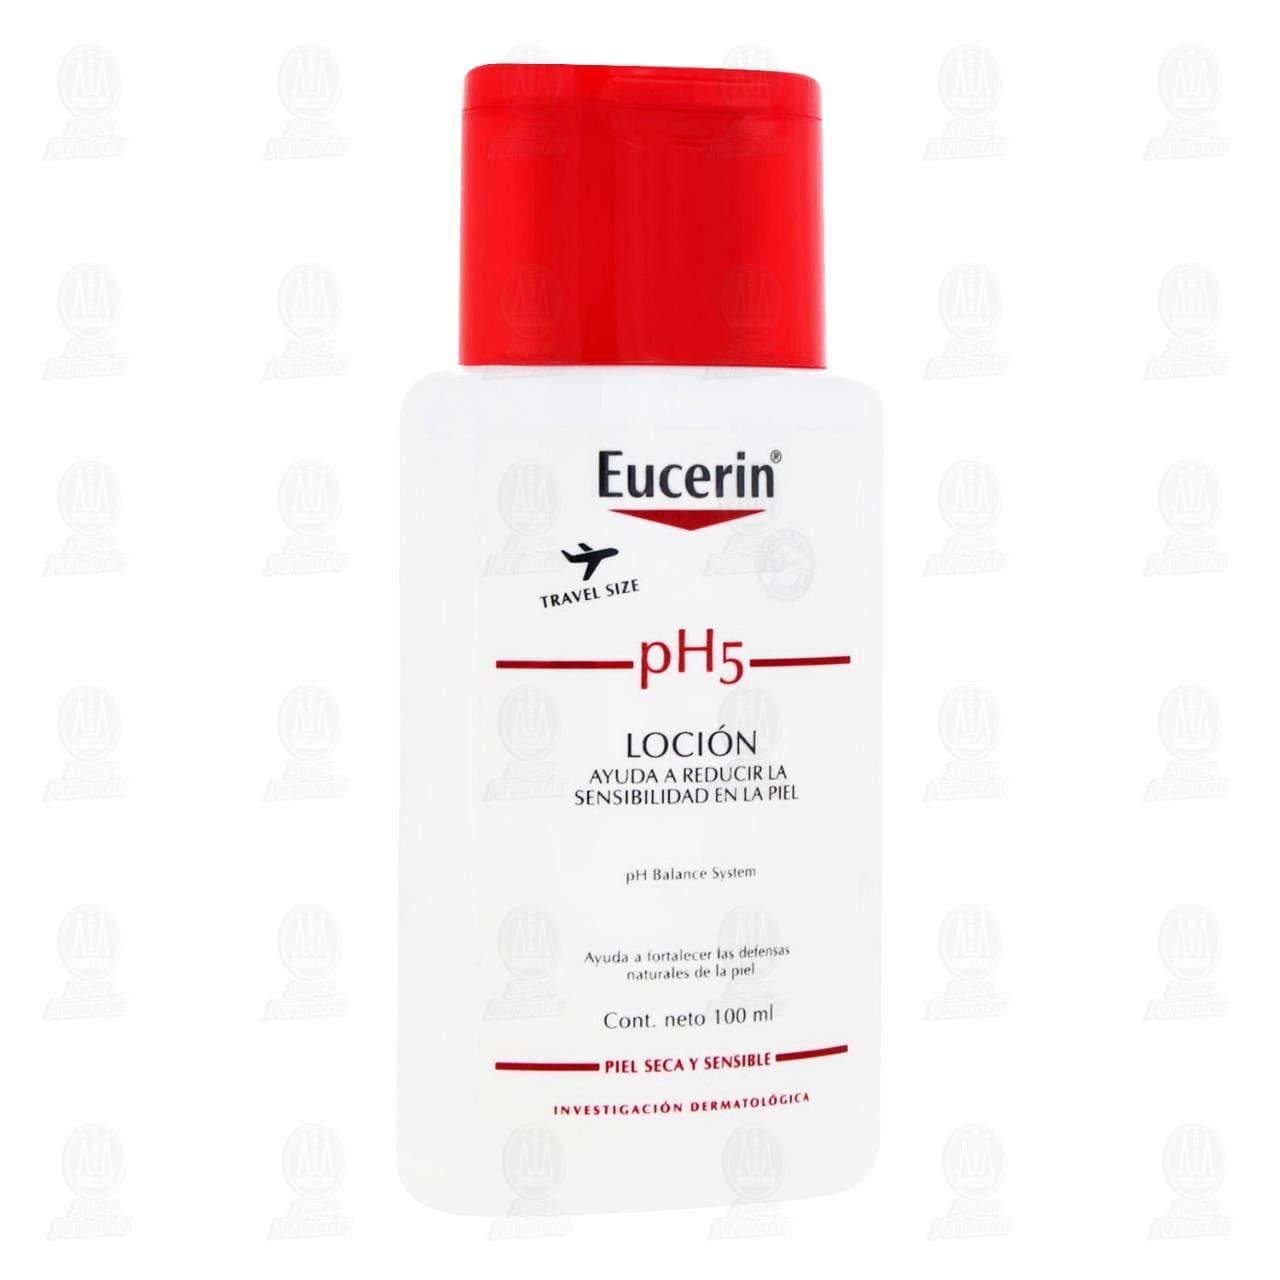 Comprar Eucerin PH5 Loción Corporal Hidratante Piel Seca o Sensible, 100ml. en Farmacias Guadalajara